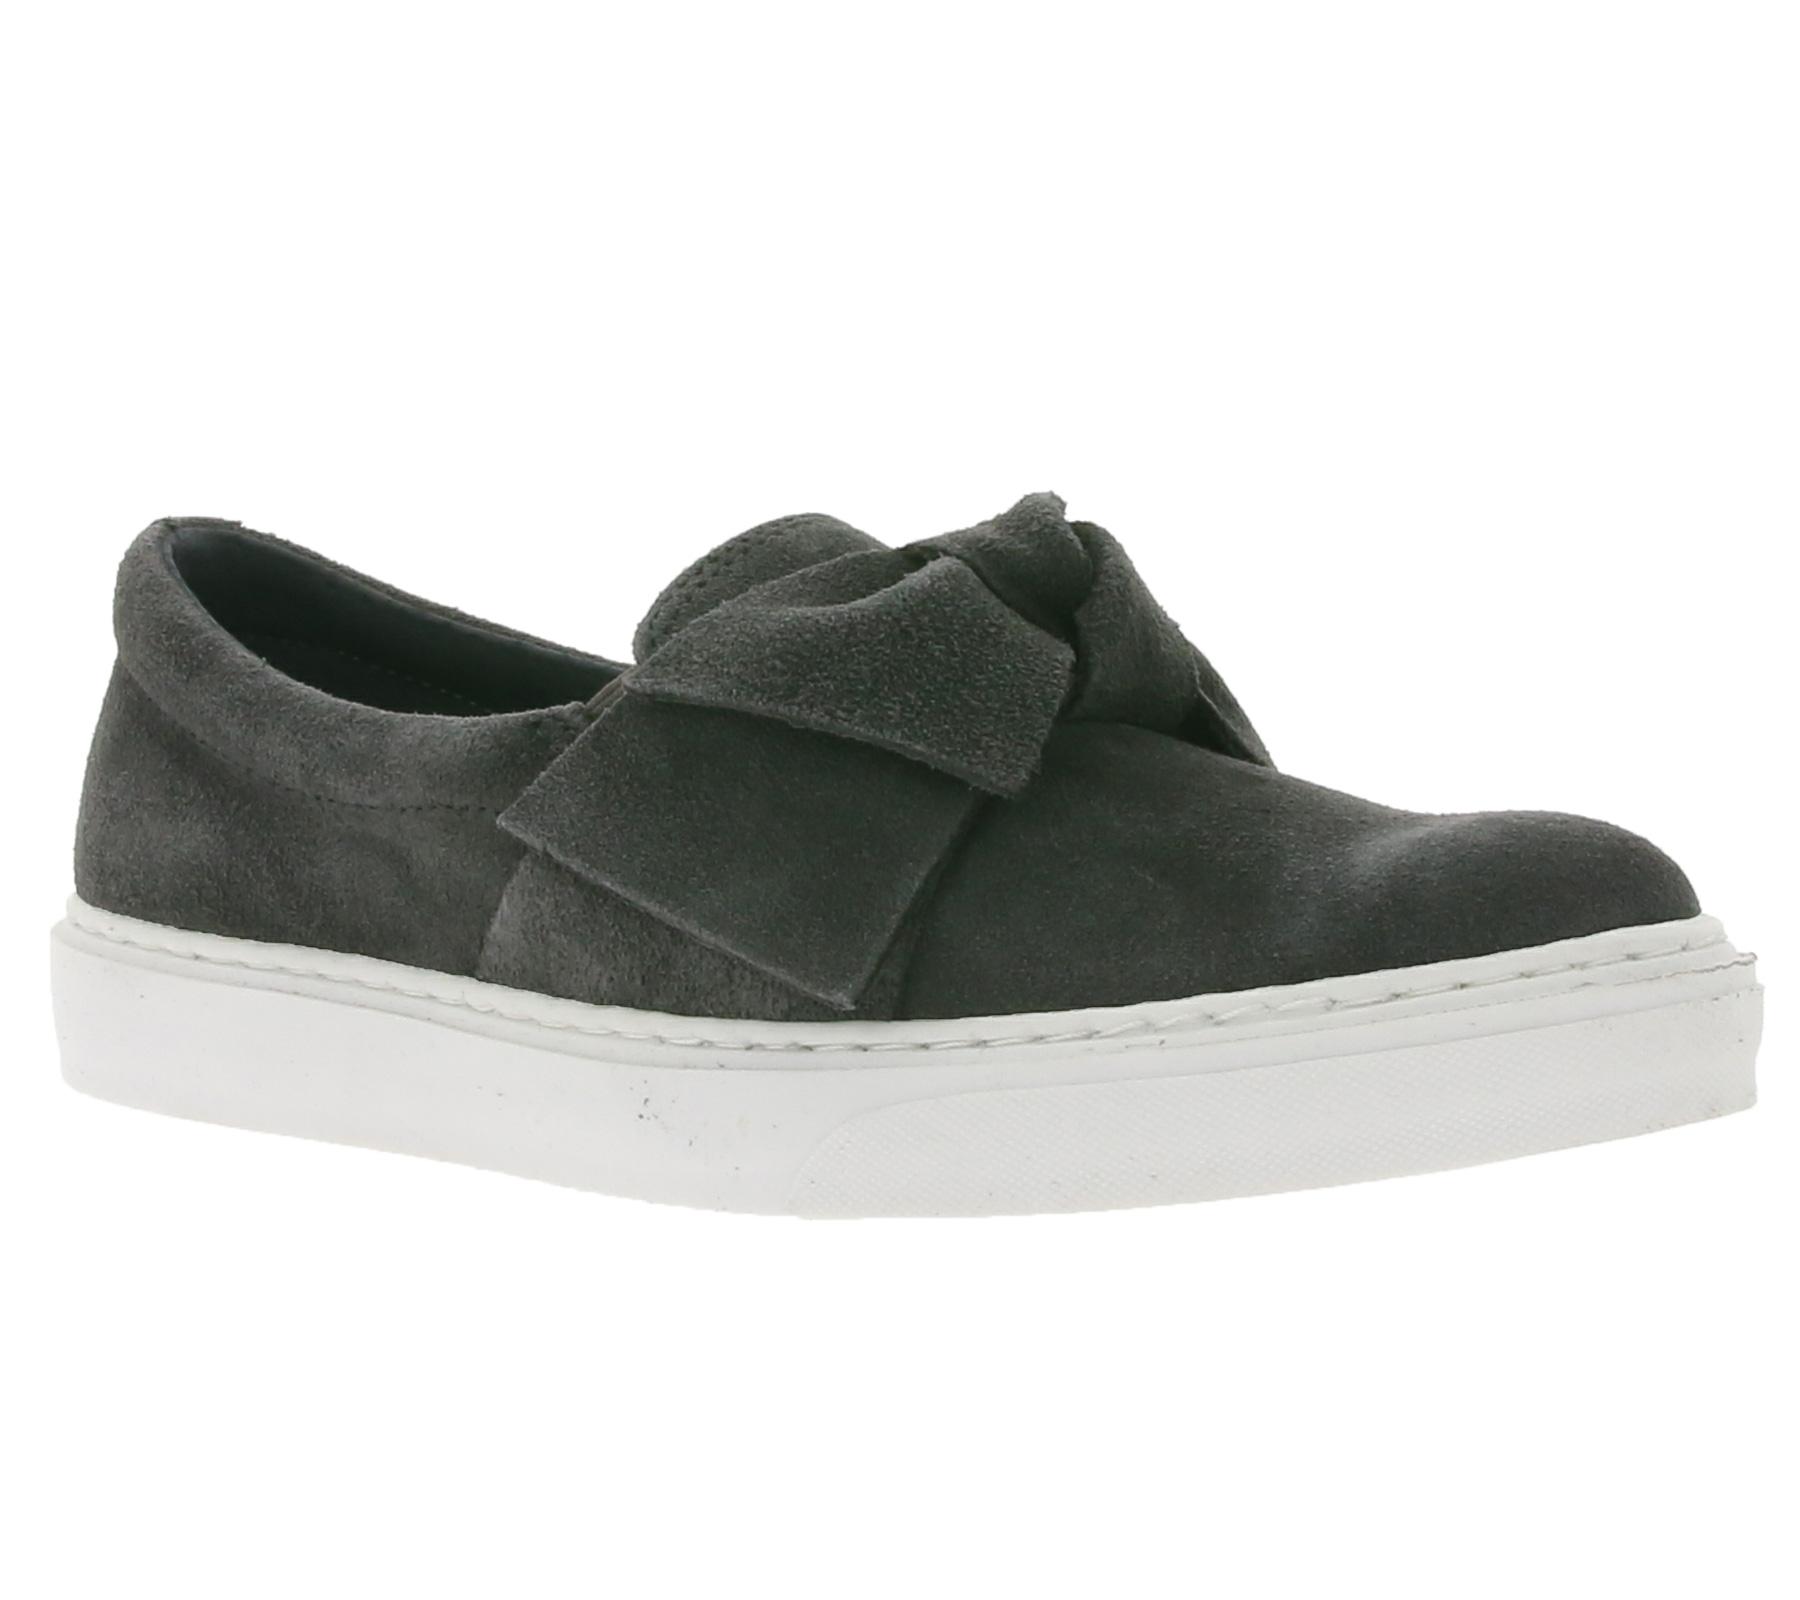 2e4a5c799151 ONYGO Echtleder-Boots elegante Damen Herbst-Stiefel mit kleinem Absatz Braun